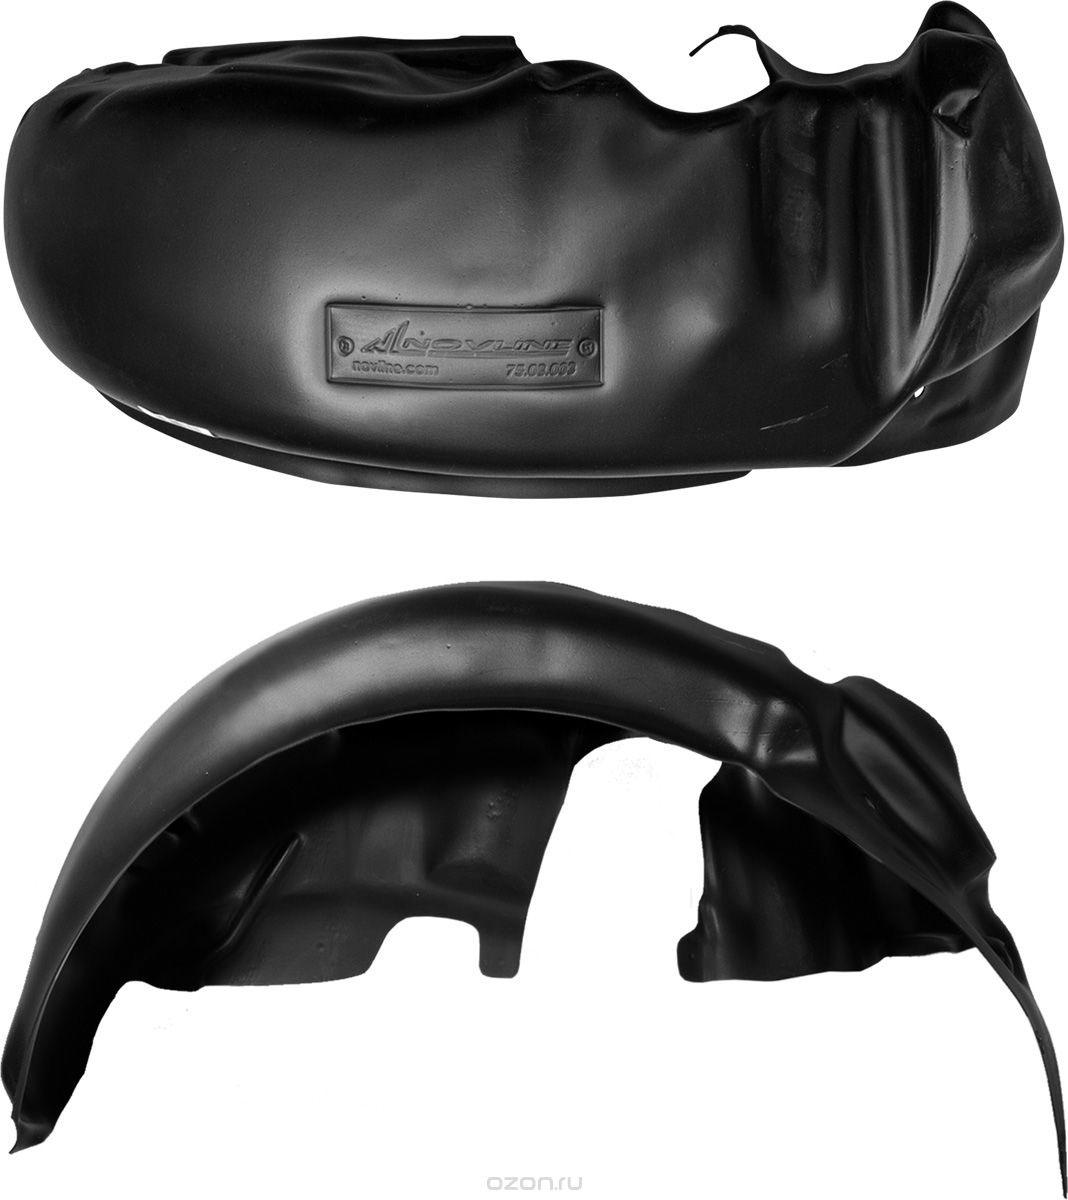 Подкрылок Novline-Autofamily, для Nissan Sentra, 2014->, задний левыйNLL.36.47.003Идеальная защита колесной ниши. Локеры разработаны с применением цифровых технологий, гарантируют максимальную повторяемость поверхности арки. Изделия устанавливаются без нарушения лакокрасочного покрытия автомобиля, каждый подкрылок комплектуется крепежом. Уважаемые клиенты, обращаем ваше внимание, что фотографии на подкрылки универсальные и не отражают реальную форму изделия. При этом само изделие идет точно под размер указанного автомобиля.